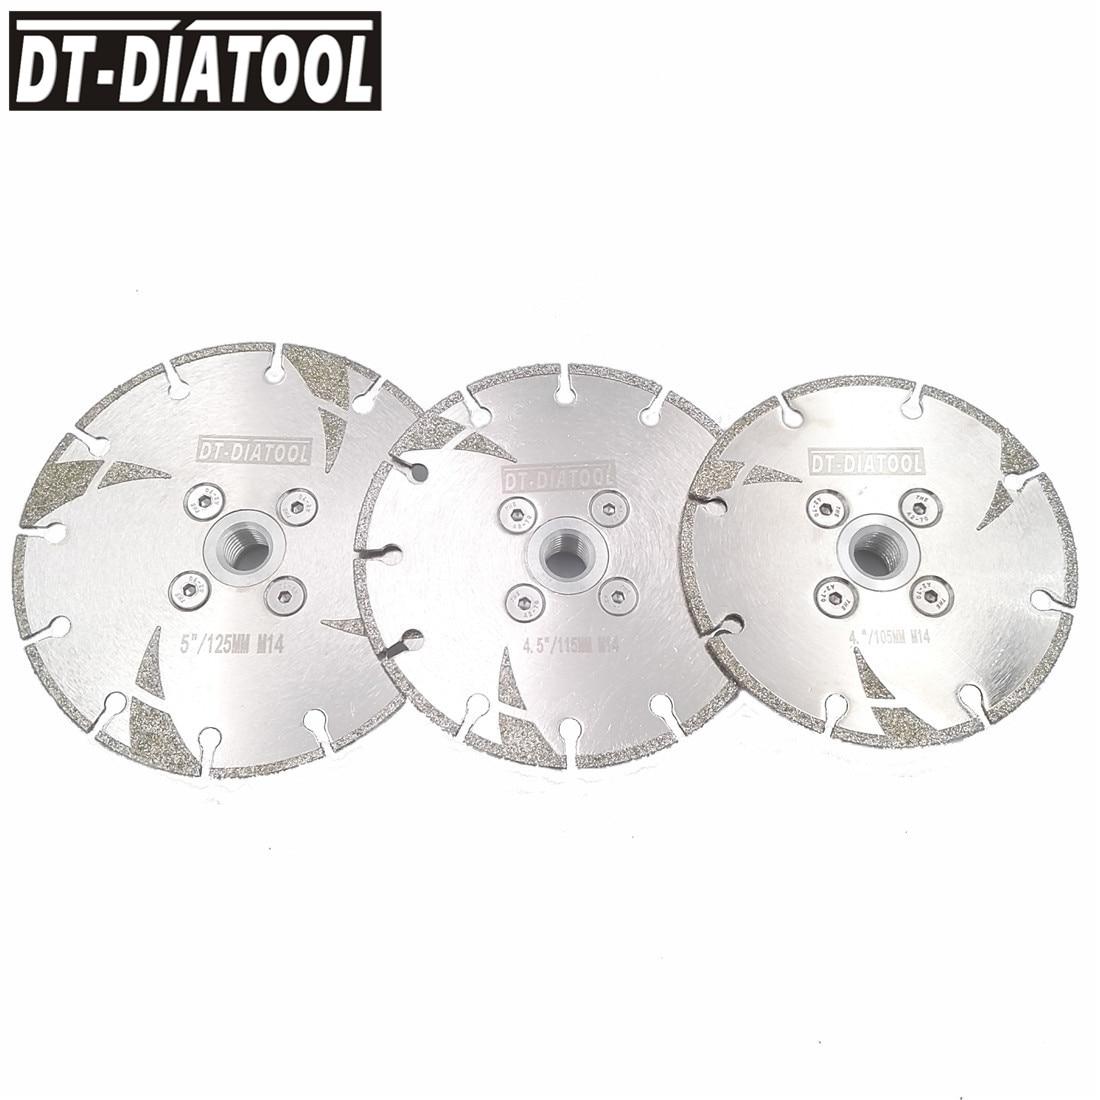 Lâmina de Serra 5 para Mármore Dt-diatool Galvanizado Reforçado Diamante Corte Disco M14 Rosca Diâmetro 4 4.5 Moagem Roda 1pc